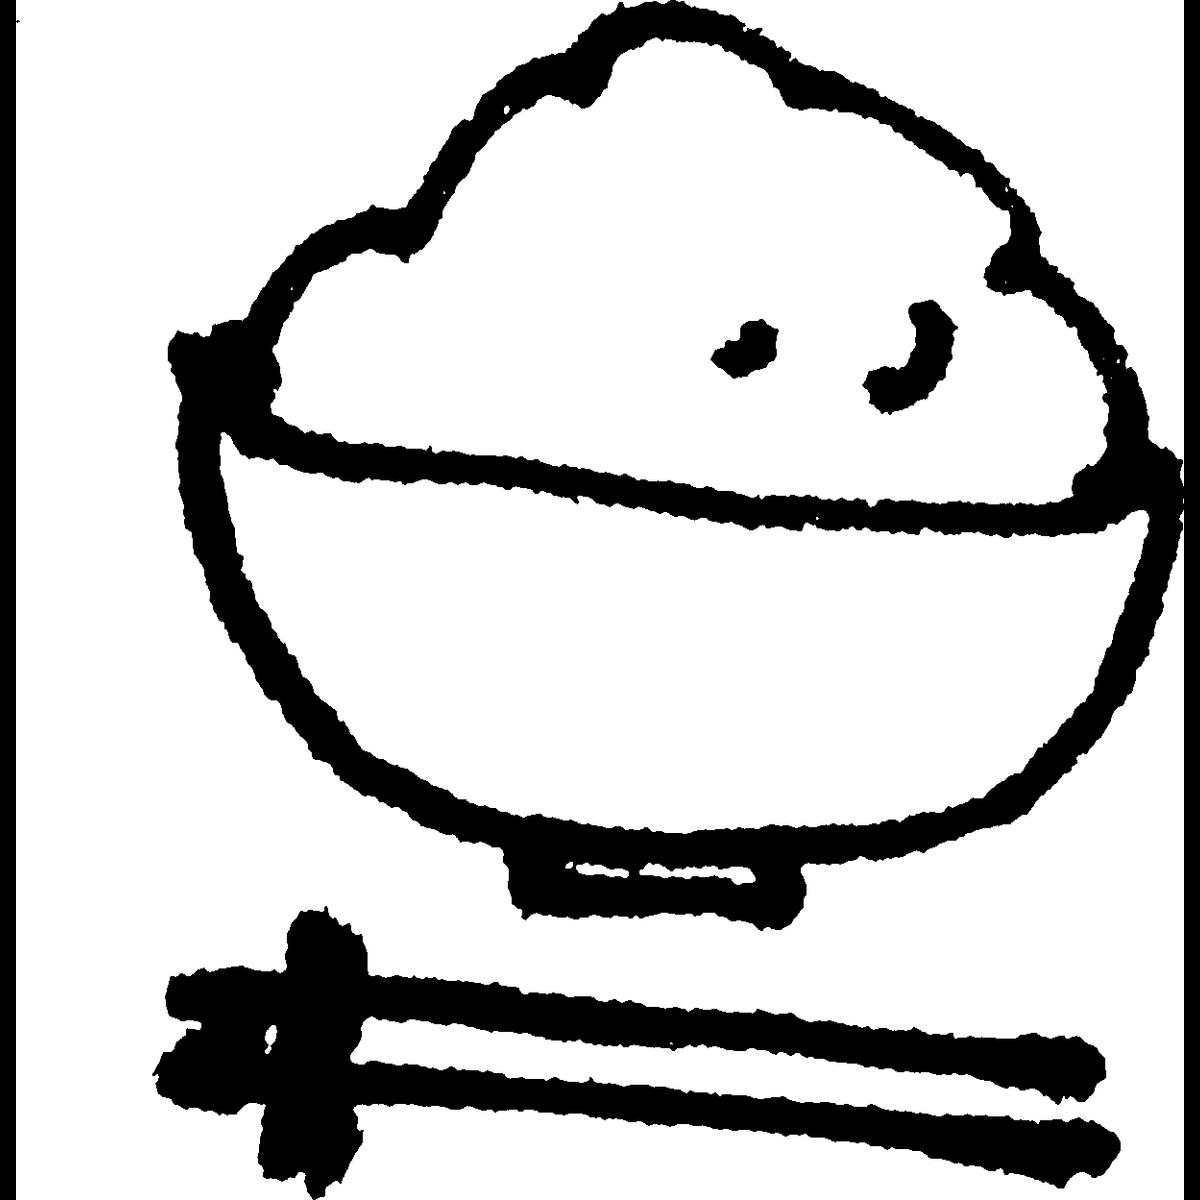 ご飯とお箸のイラスト